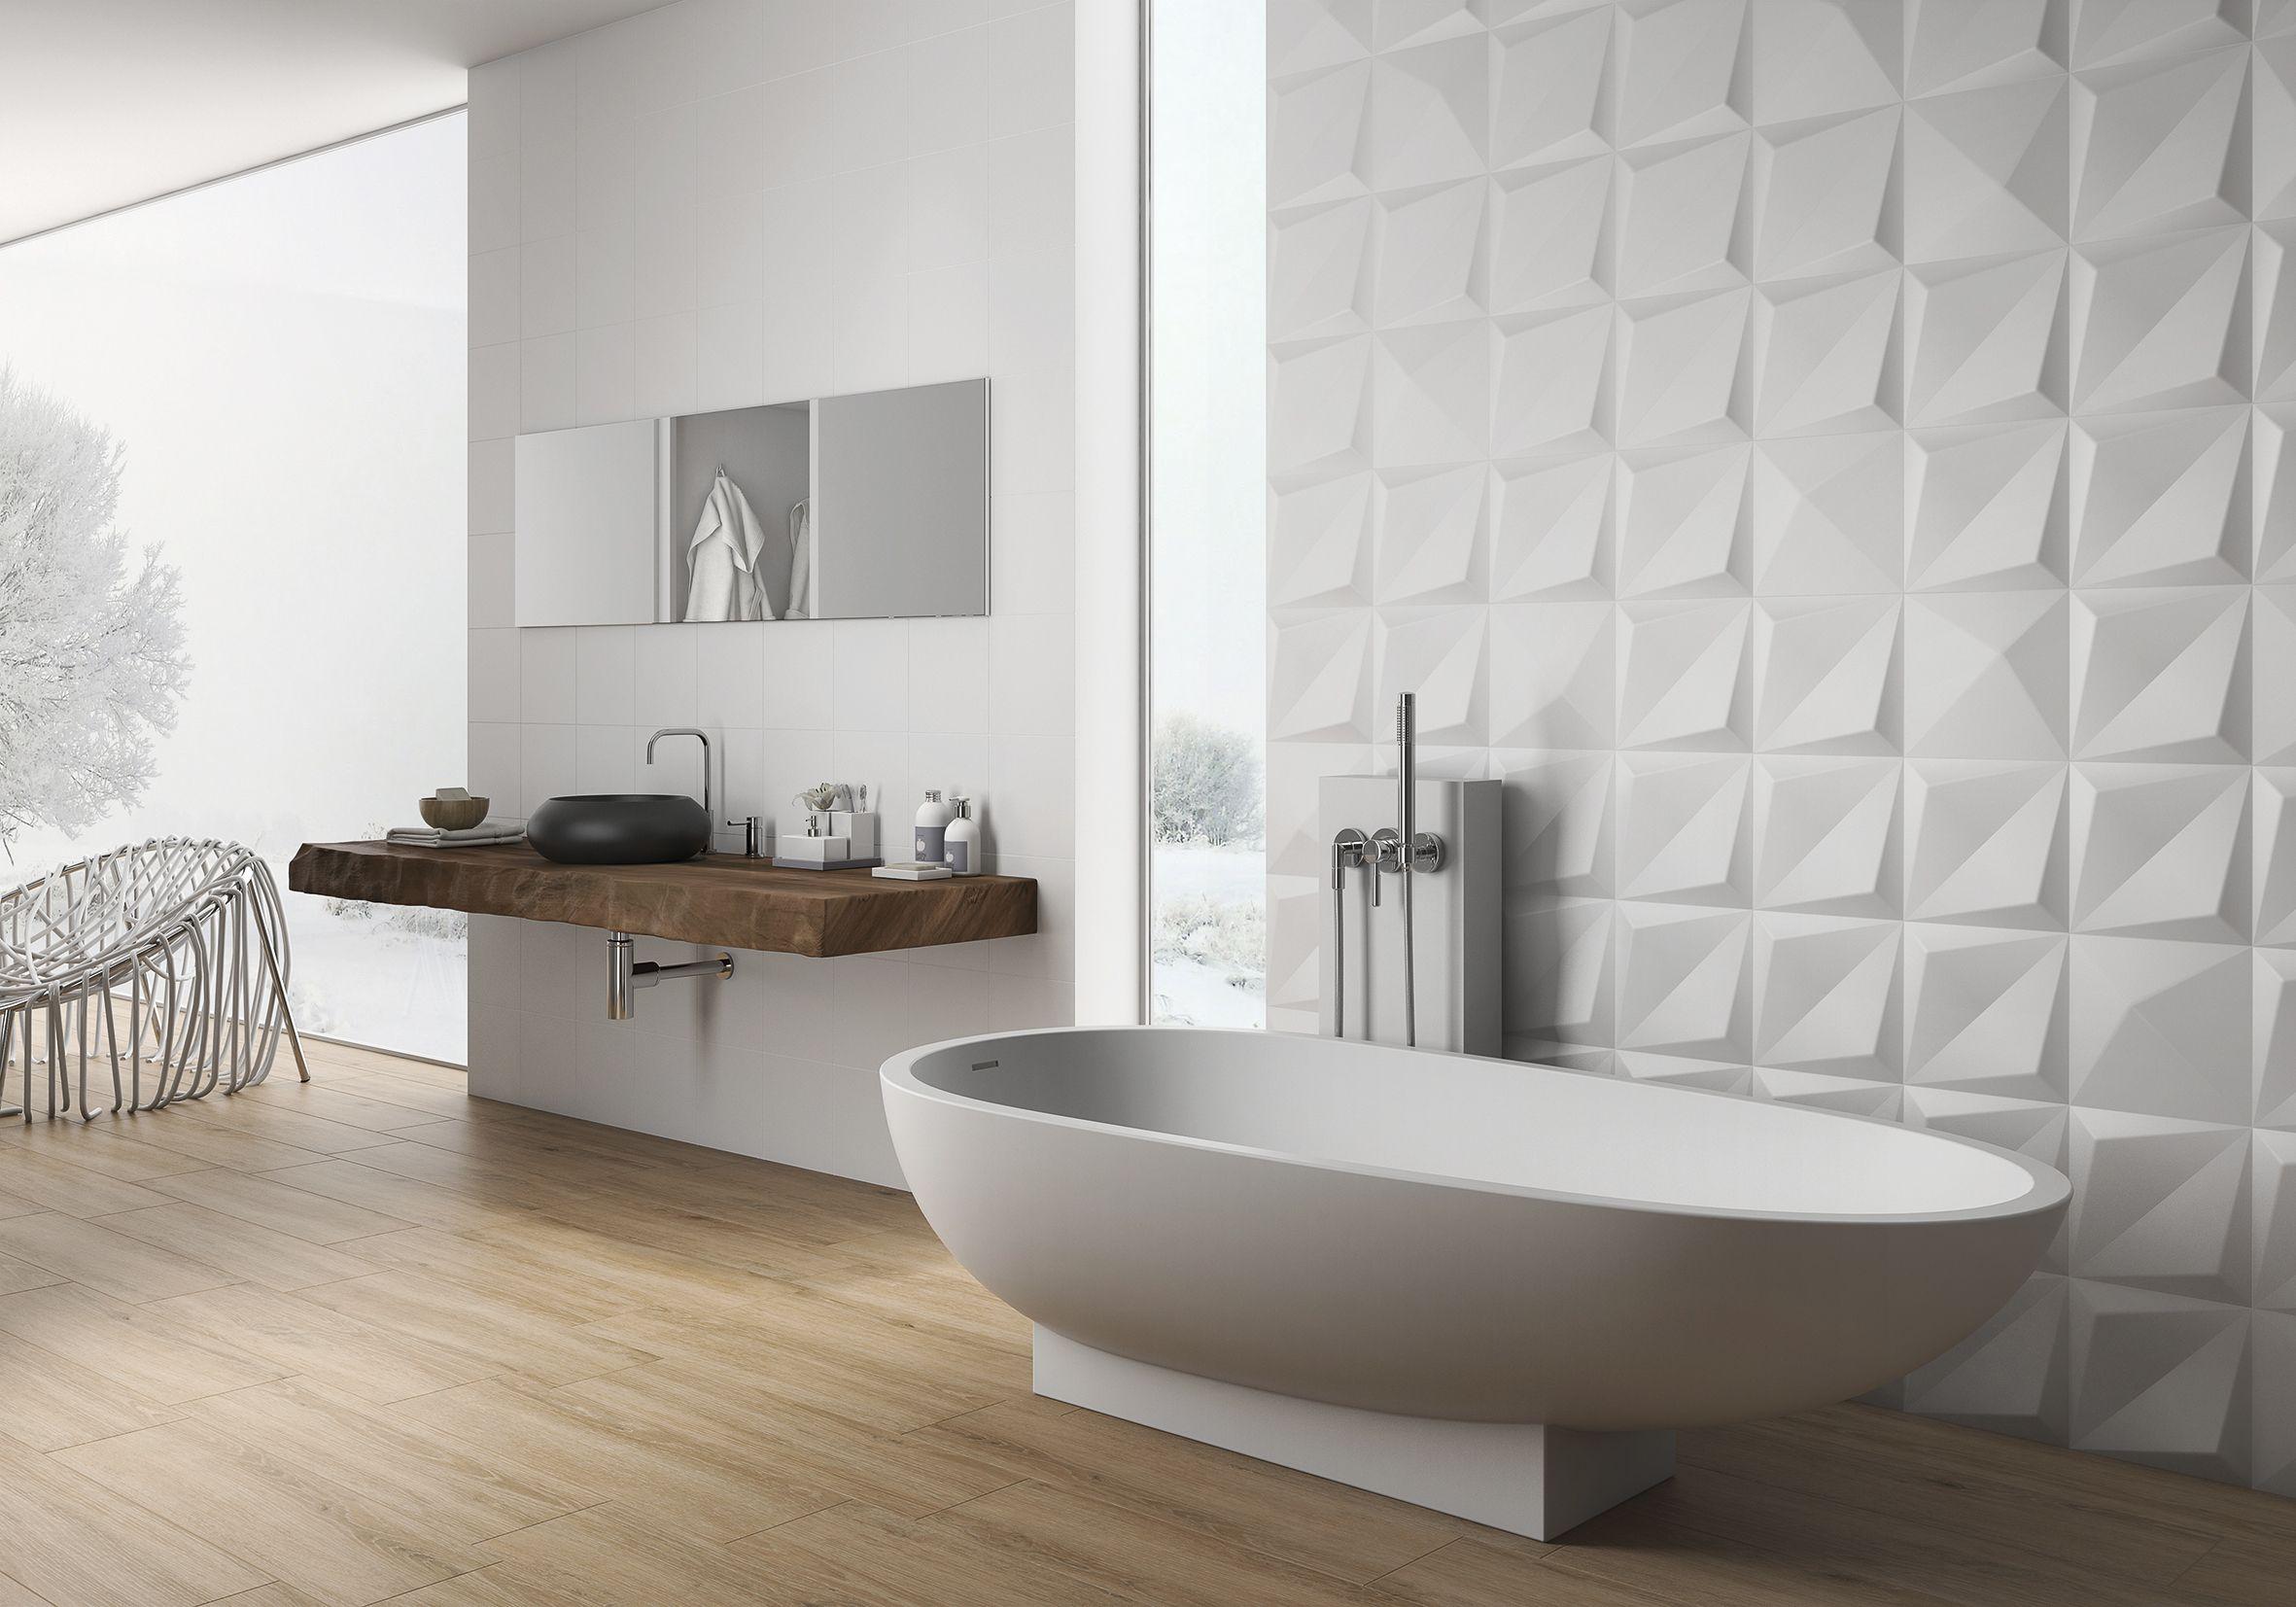 Pin Von Fliesen Willems Gmbh Auf Fliesen Idee Und Modern Einrichten Badezimmer Fliesen 3d Fliesen Badezimmer Fliesen Ideen